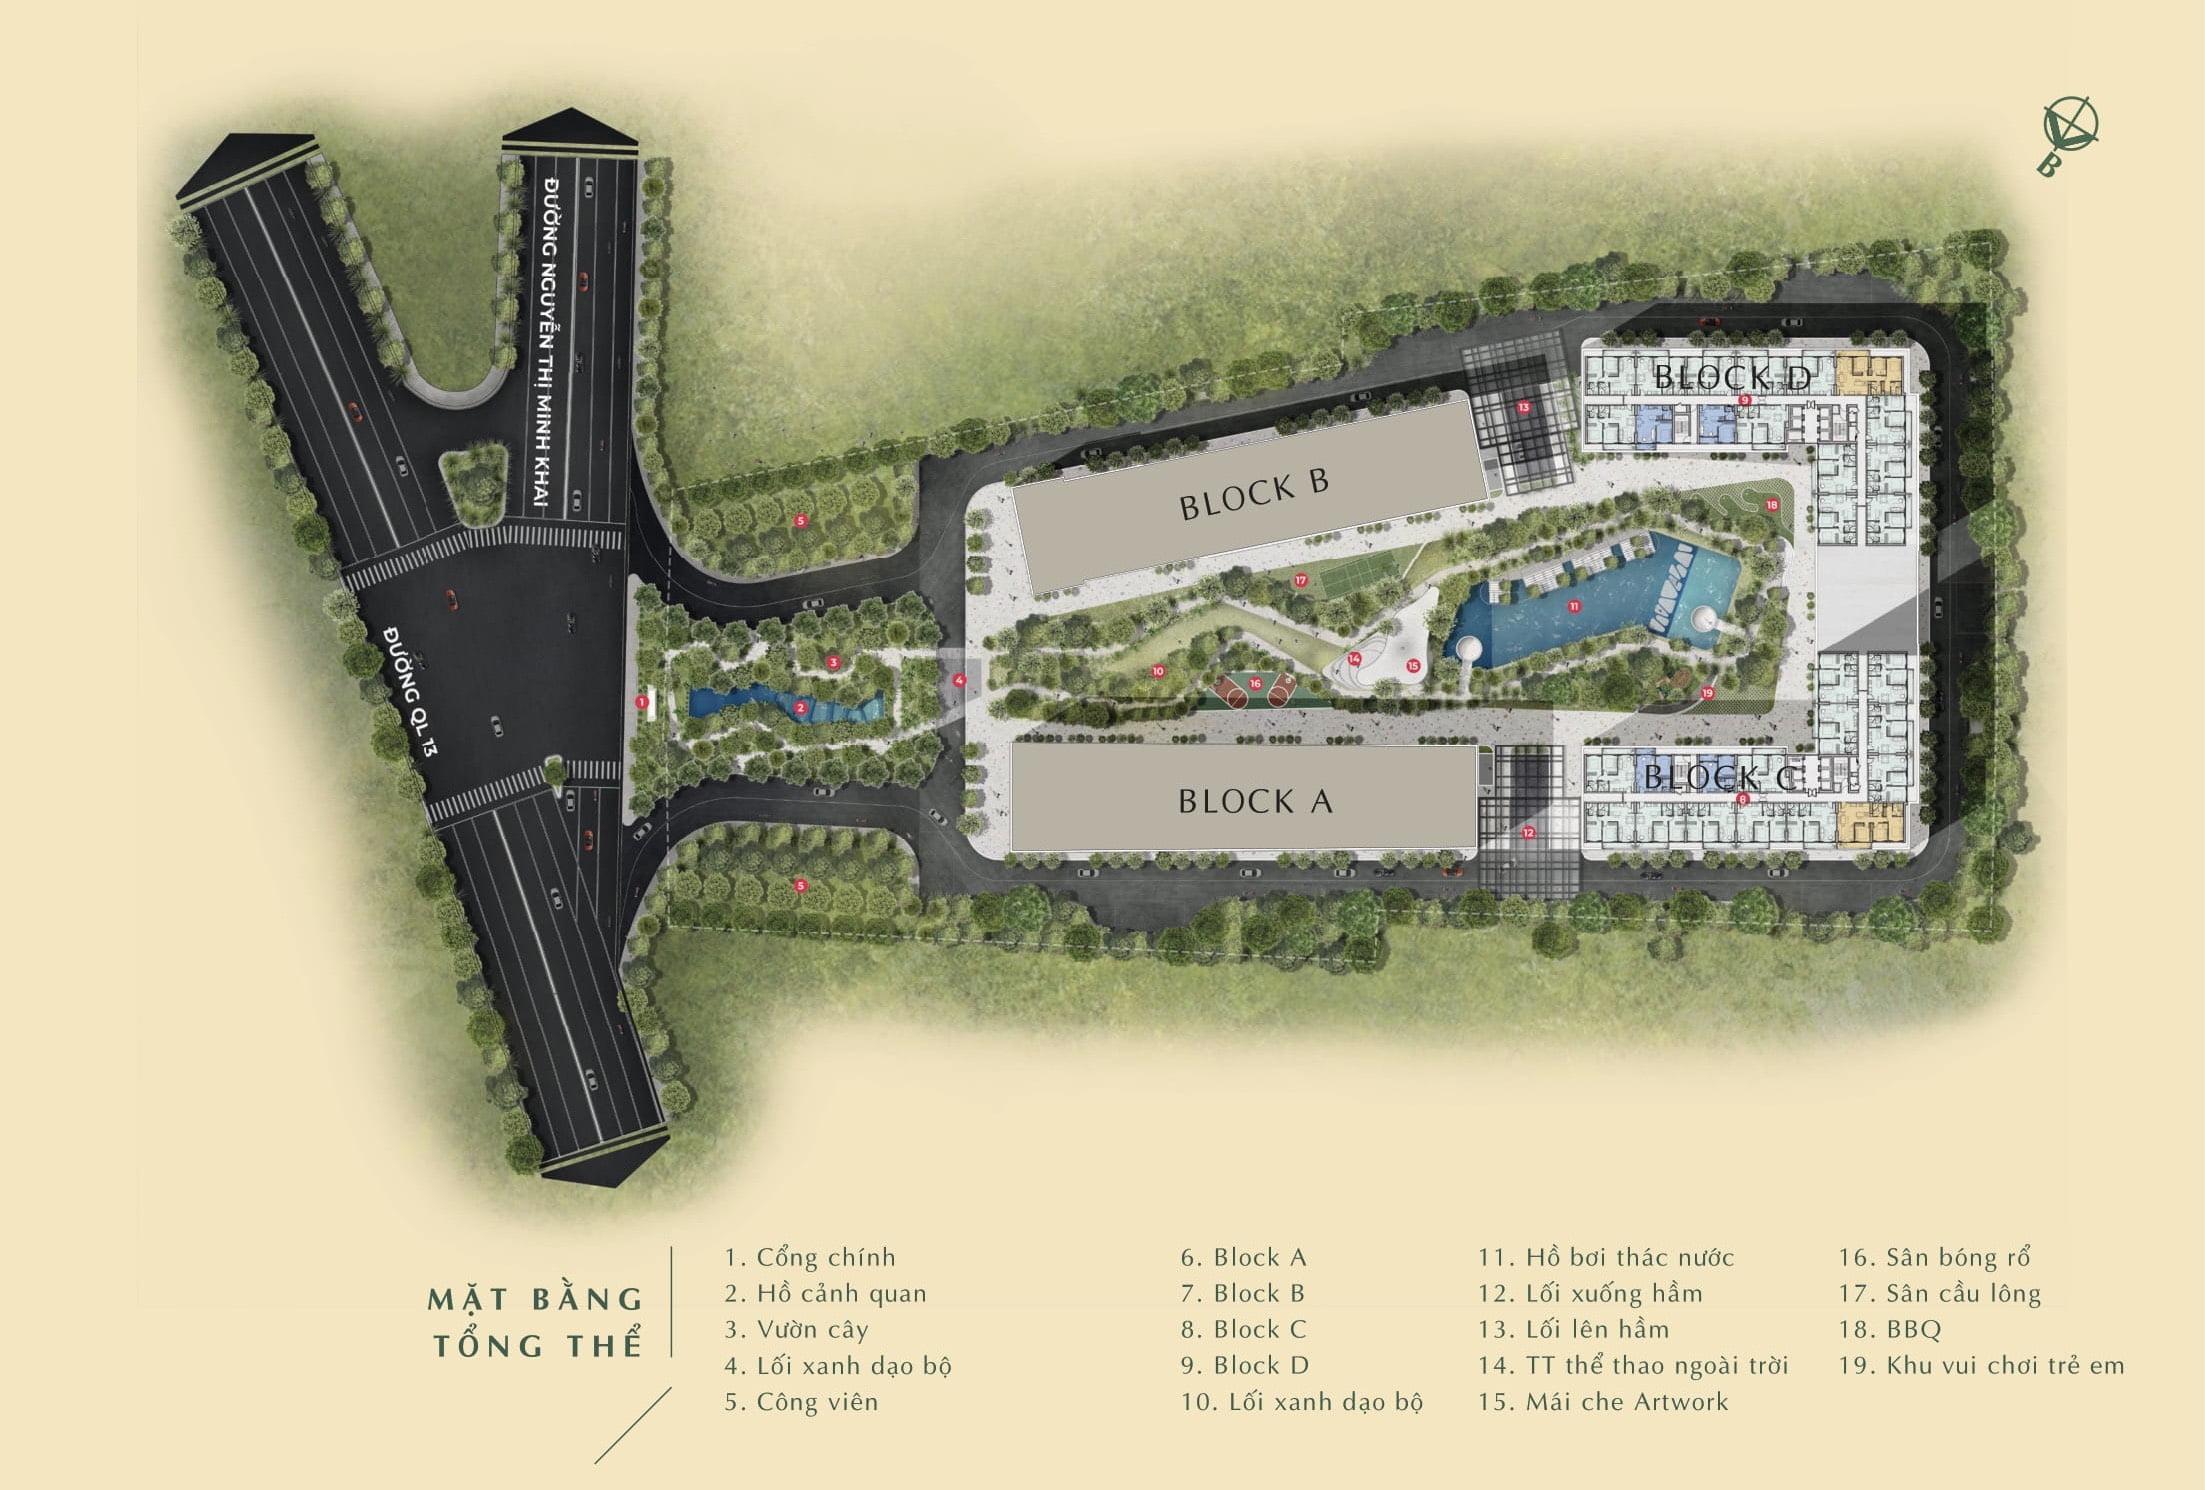 Mặt bằng Tổng thể Dự án Anderson Park Bình Dương